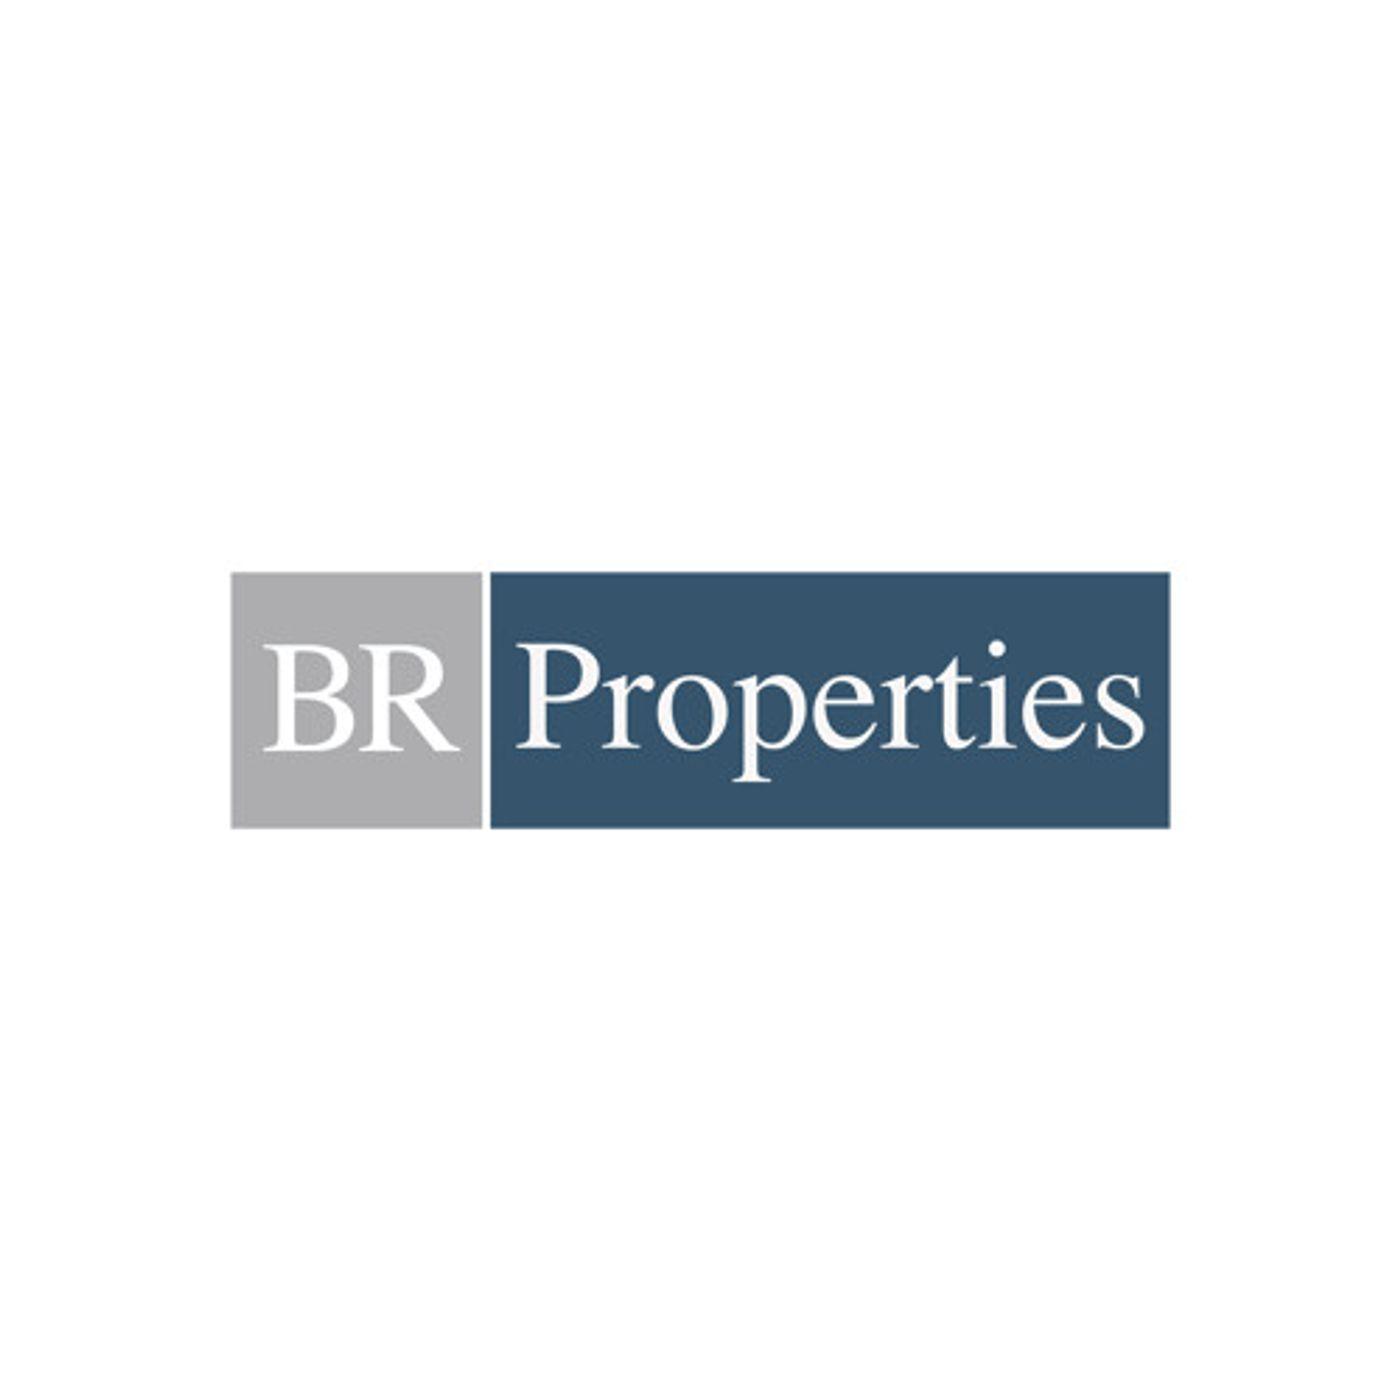 Teleconferência de Resultados da BR Properties (BRPR3) do 1T20